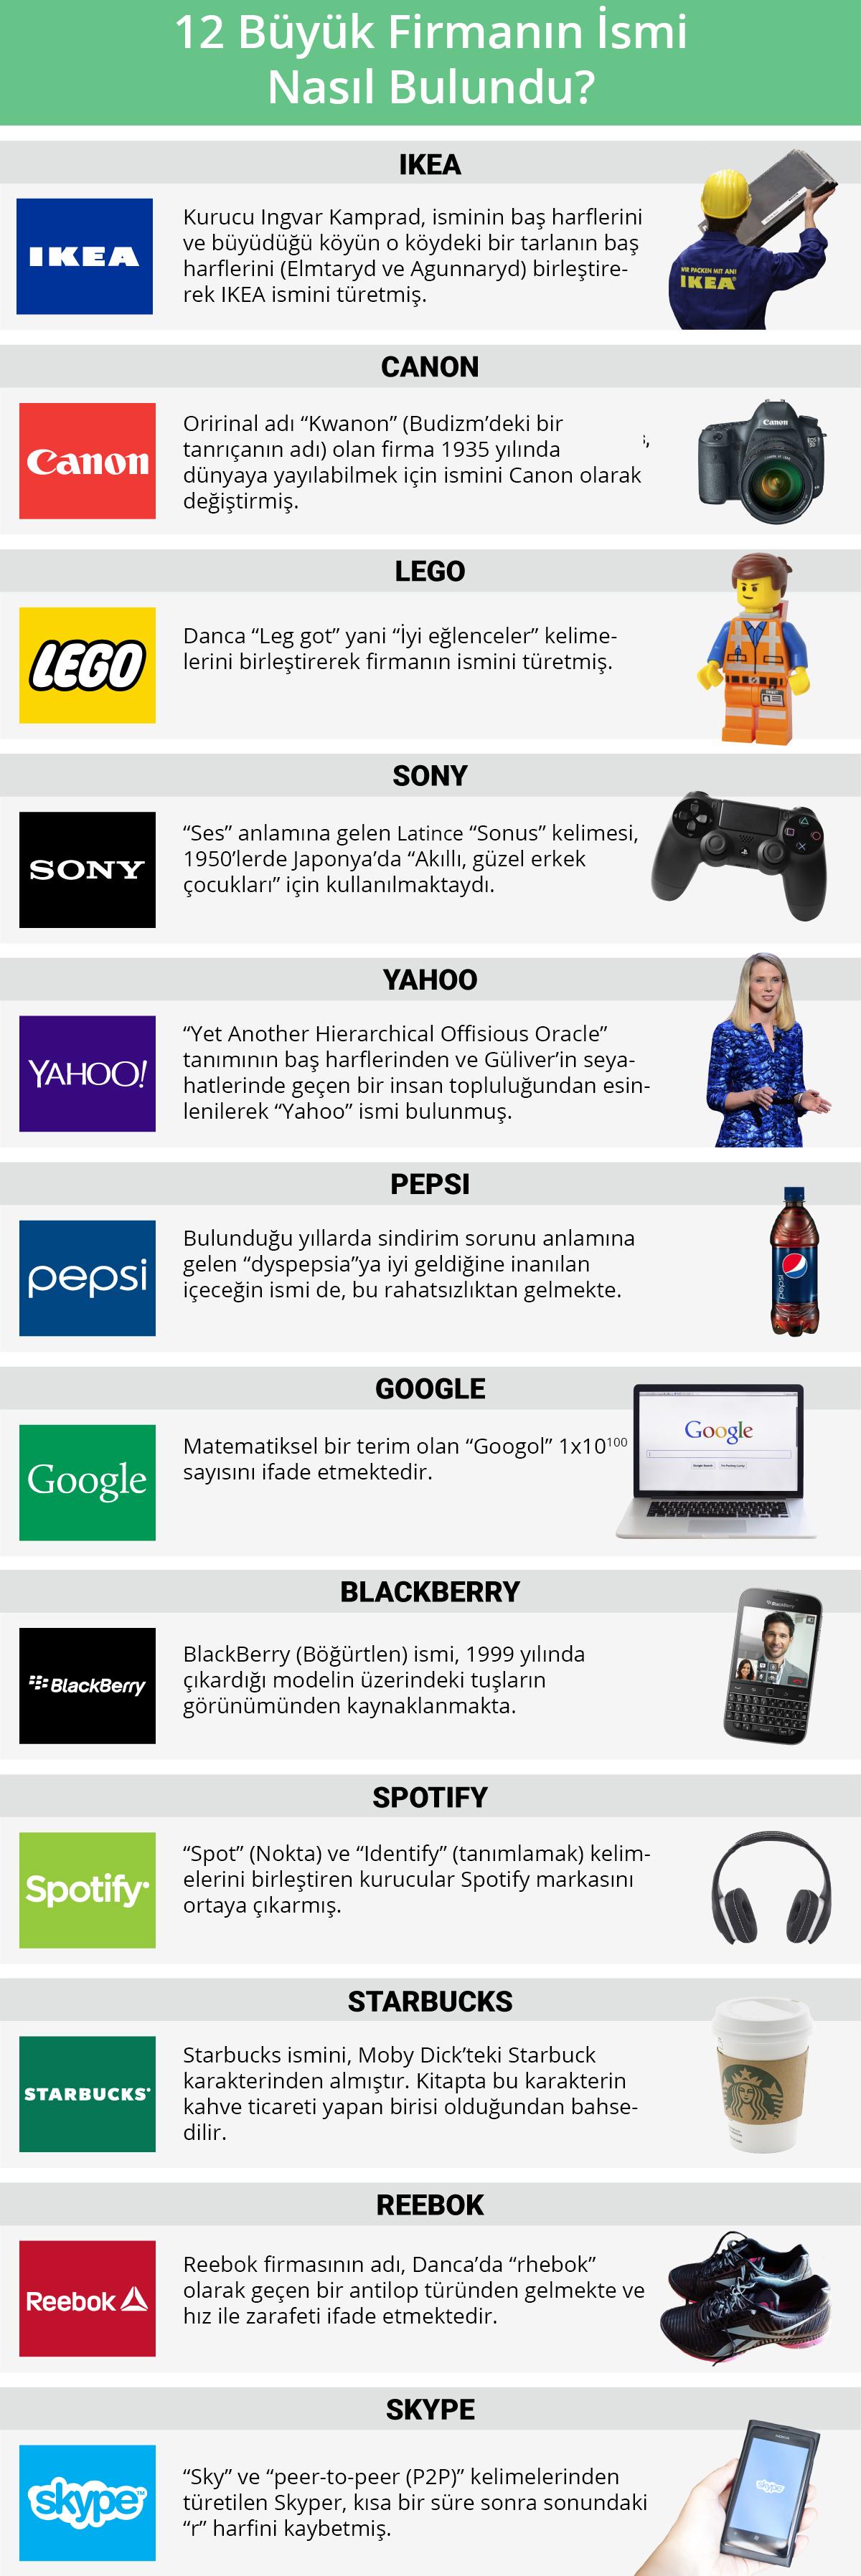 12 büyük firmanın ismi nasıl bulundu